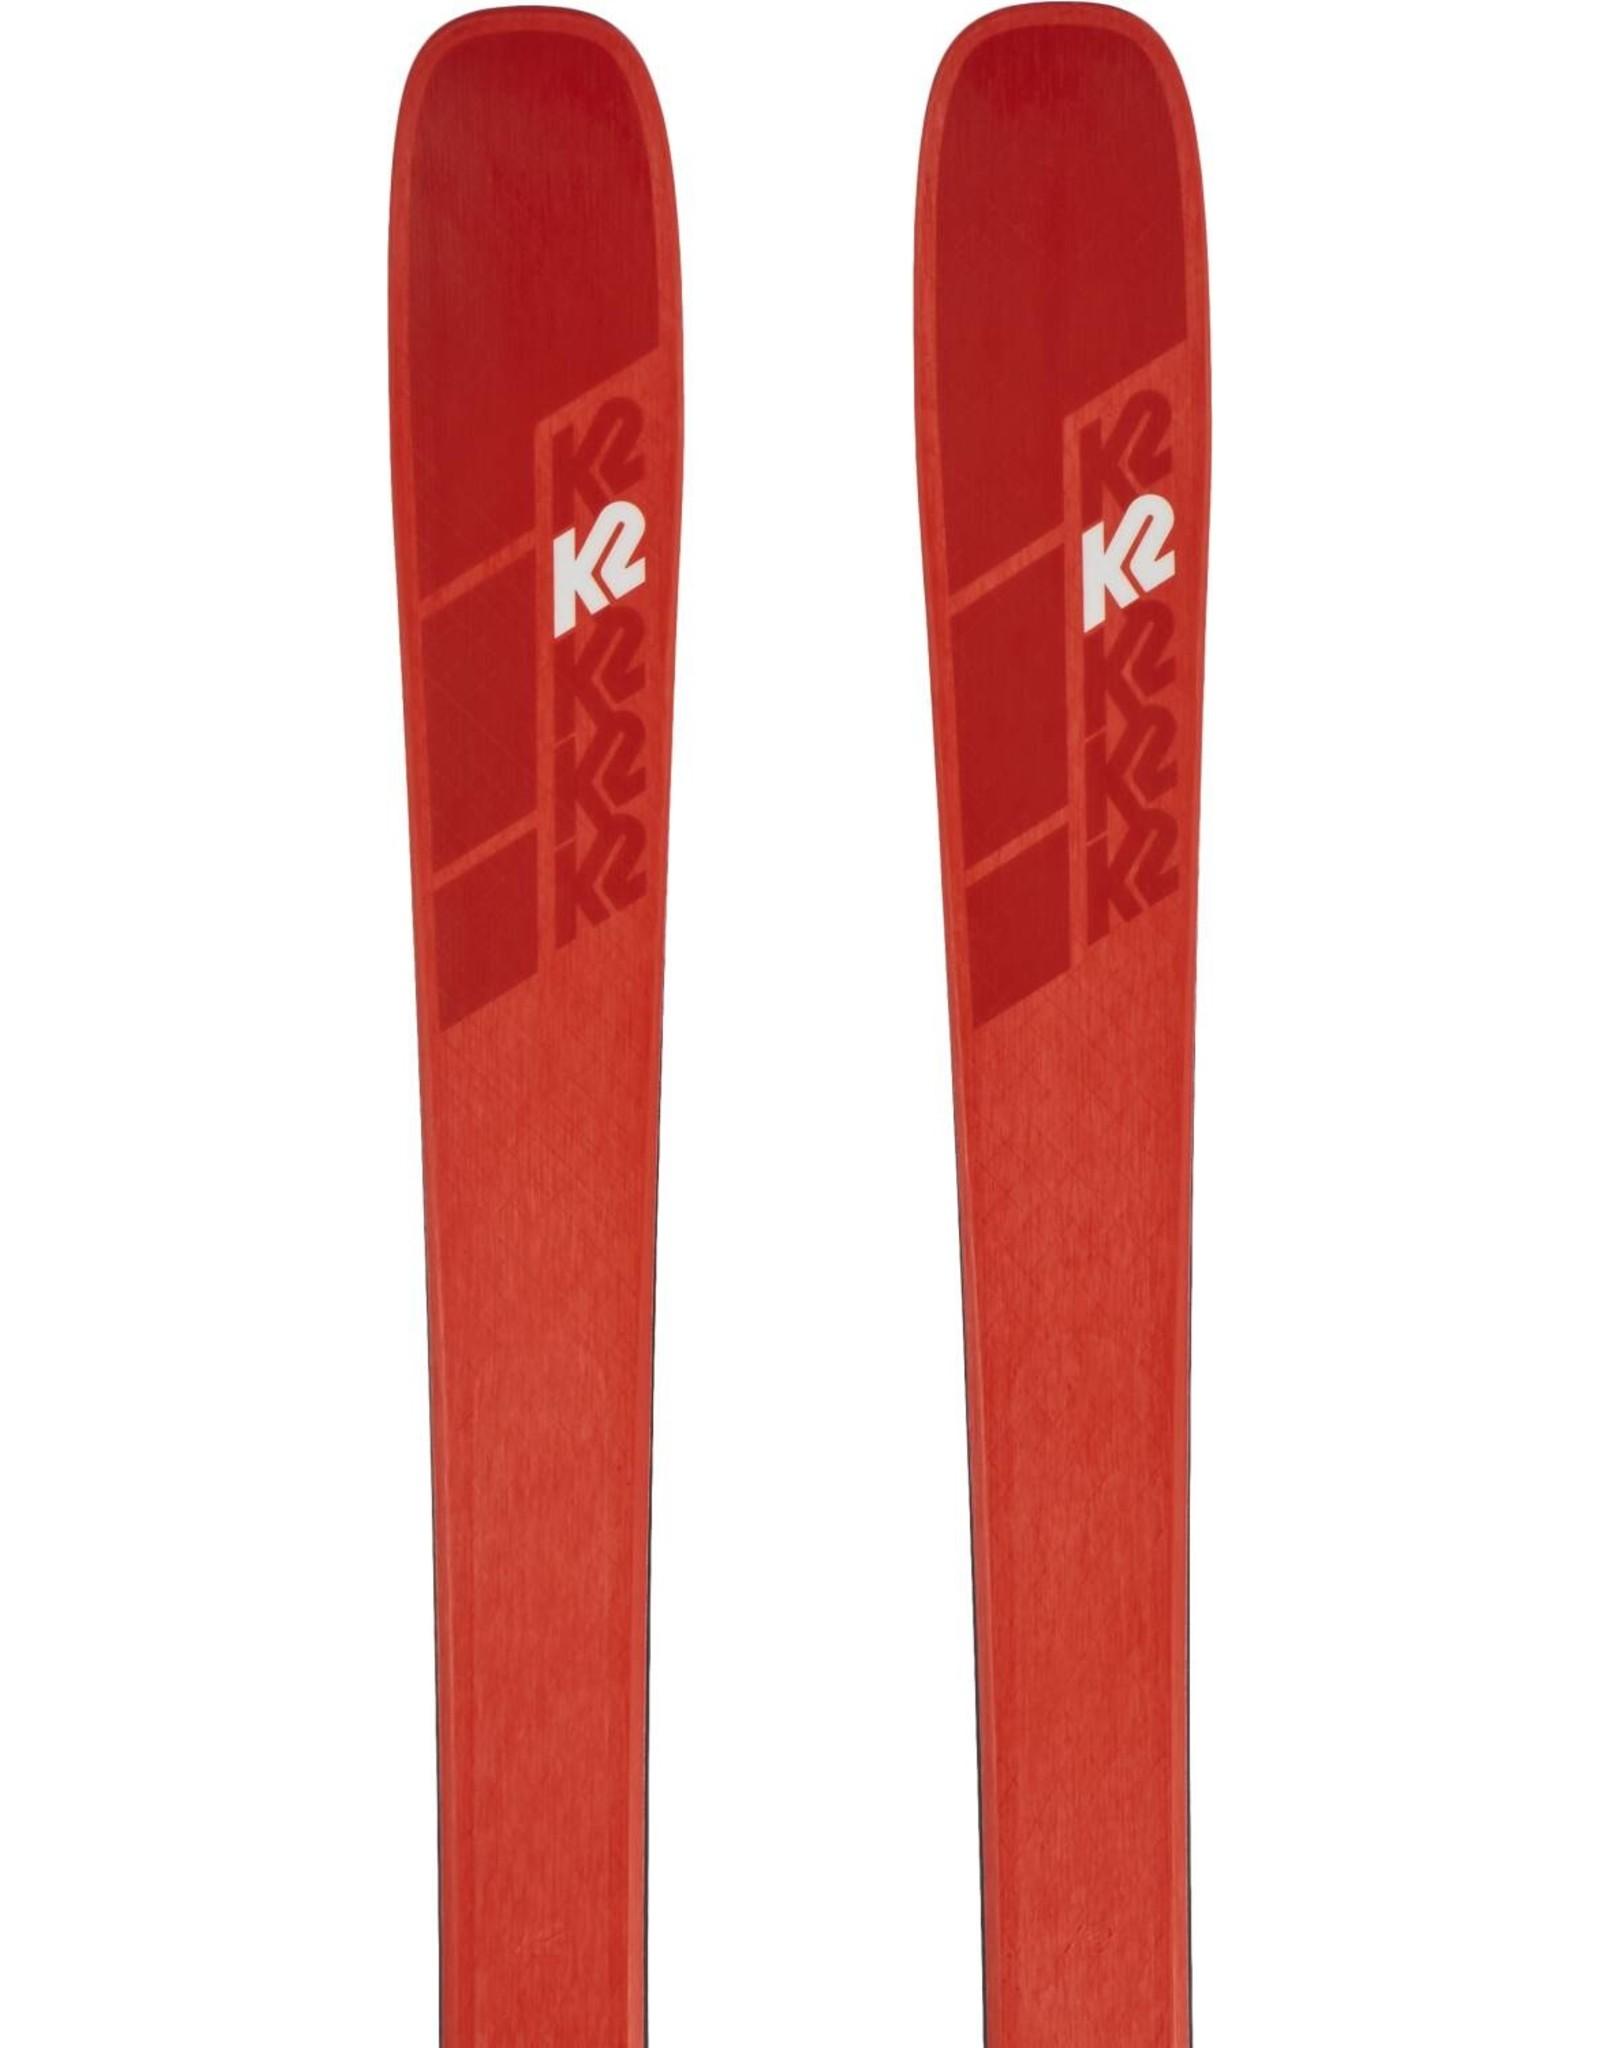 K2 MINDBENDER 90 C 163